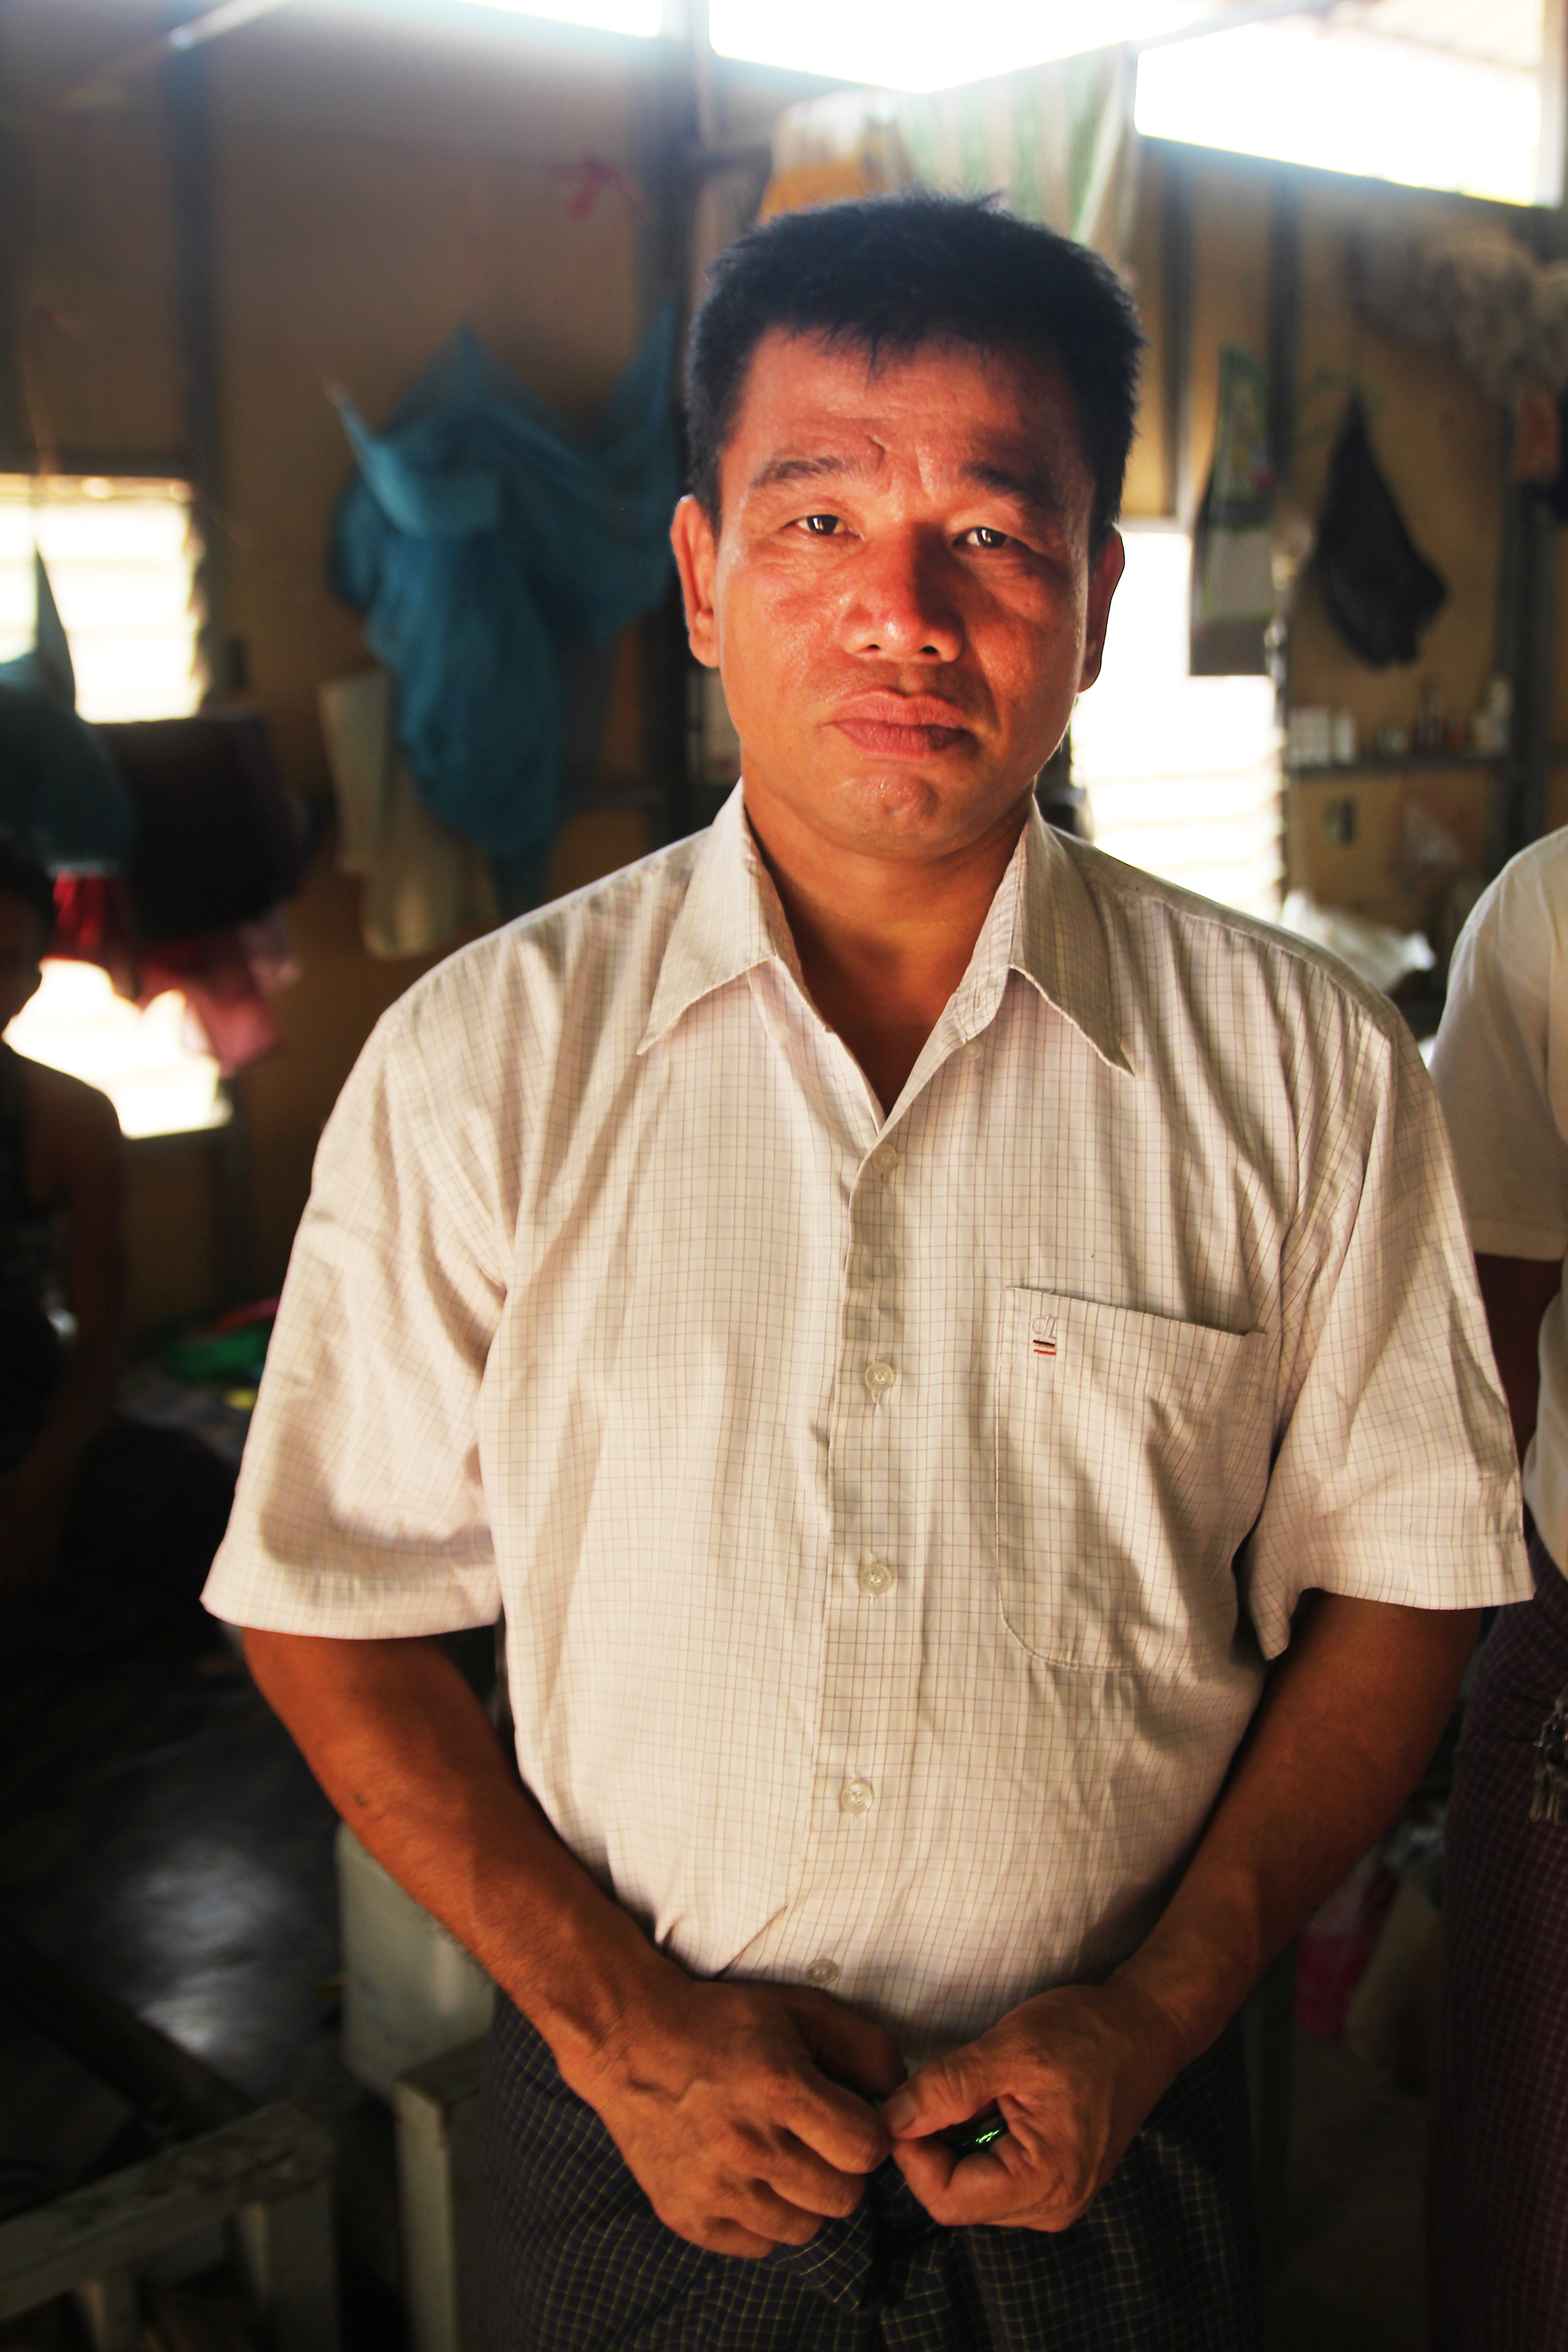 Aung Kyaw Min